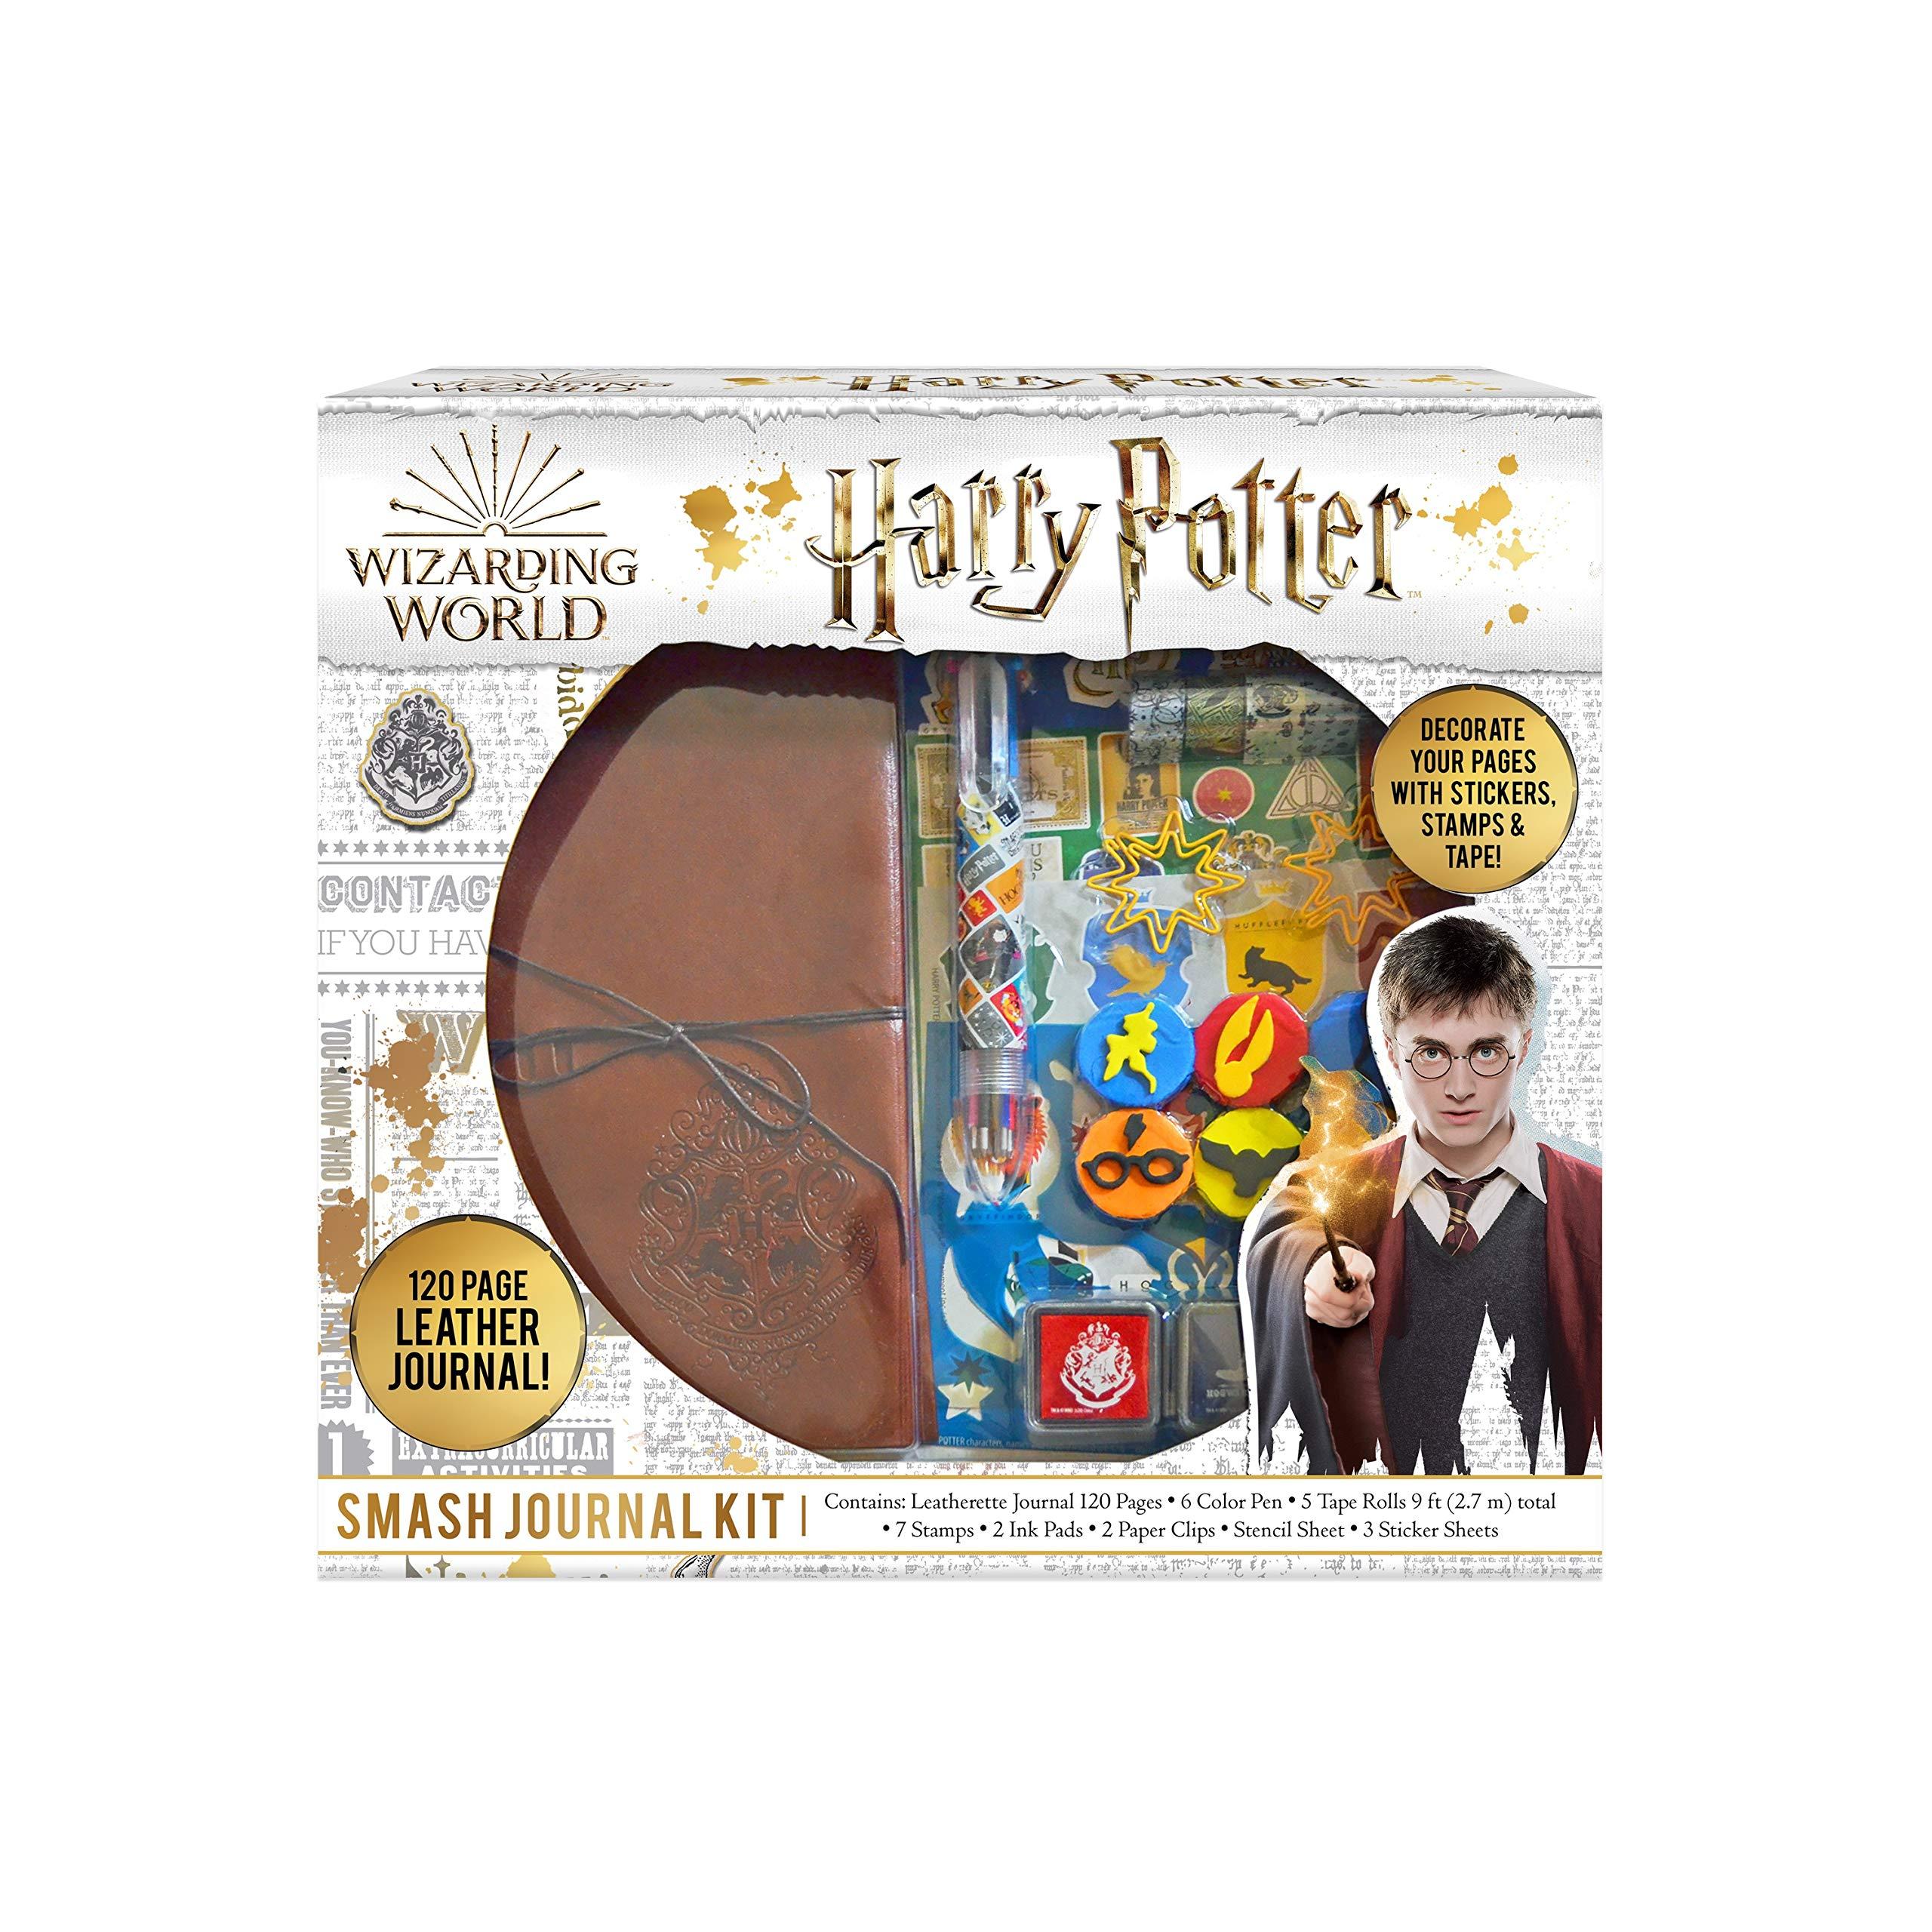 Harry Potter Smash Journal Kit 200 Page